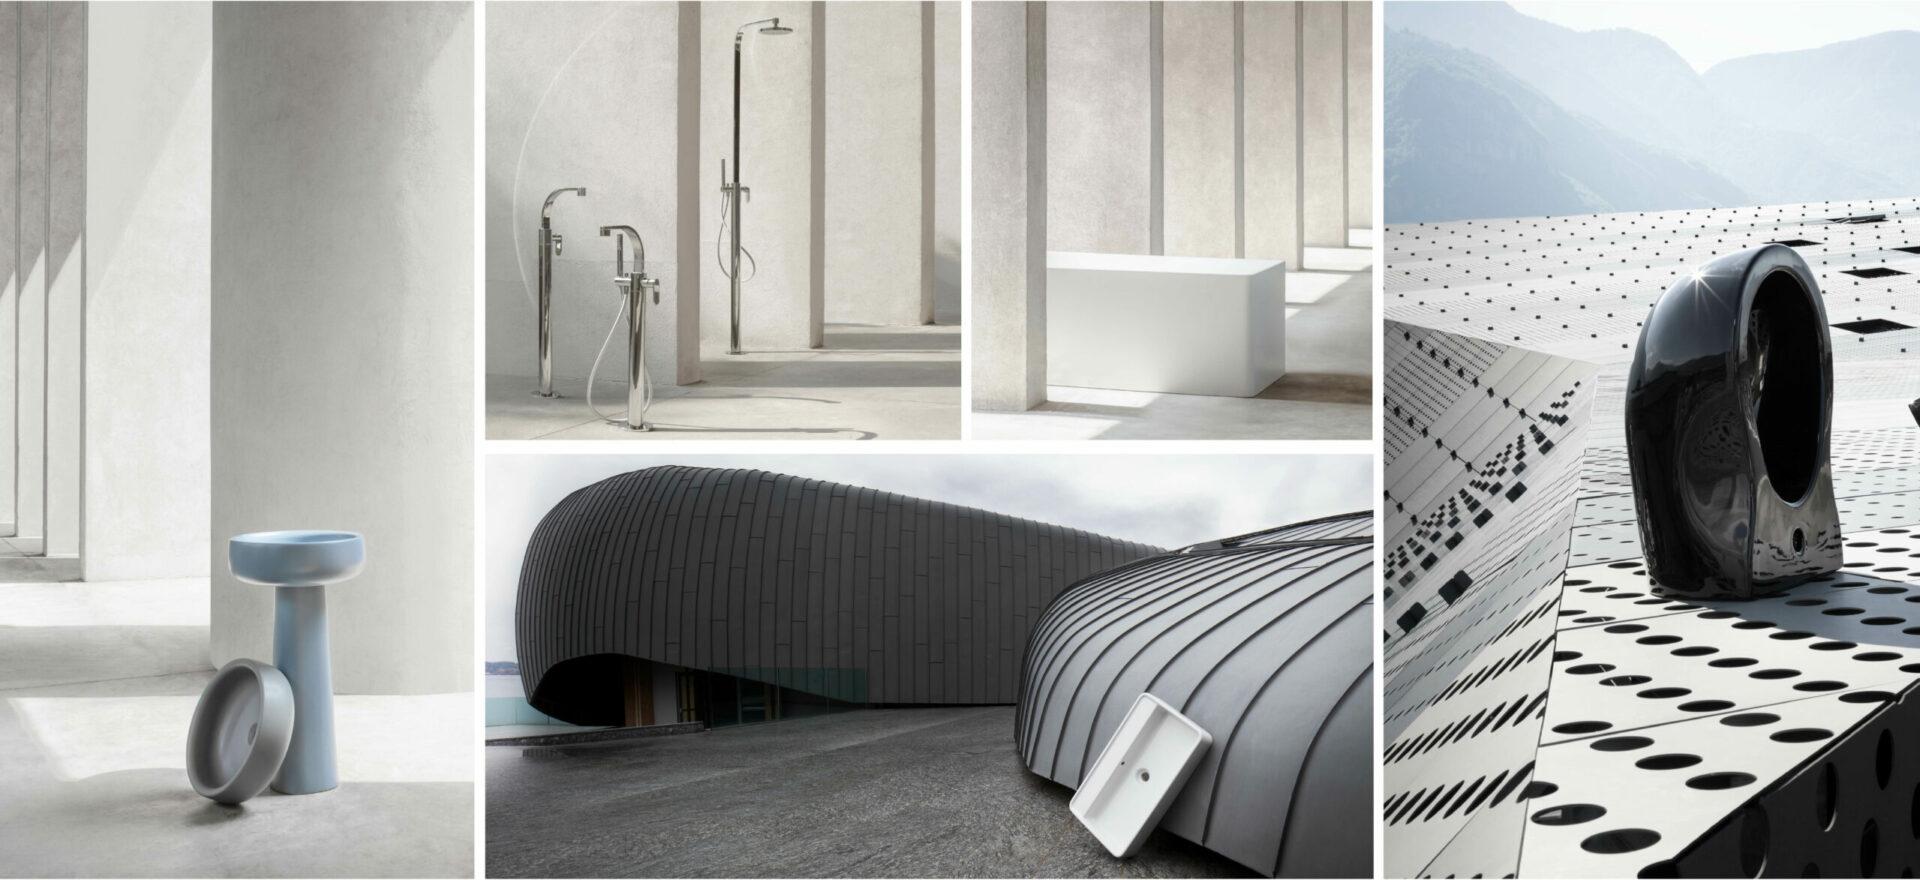 Good Morning Design | Art Direction | Ceramica Flaminia | Mario Trimarchi Design | Fragile